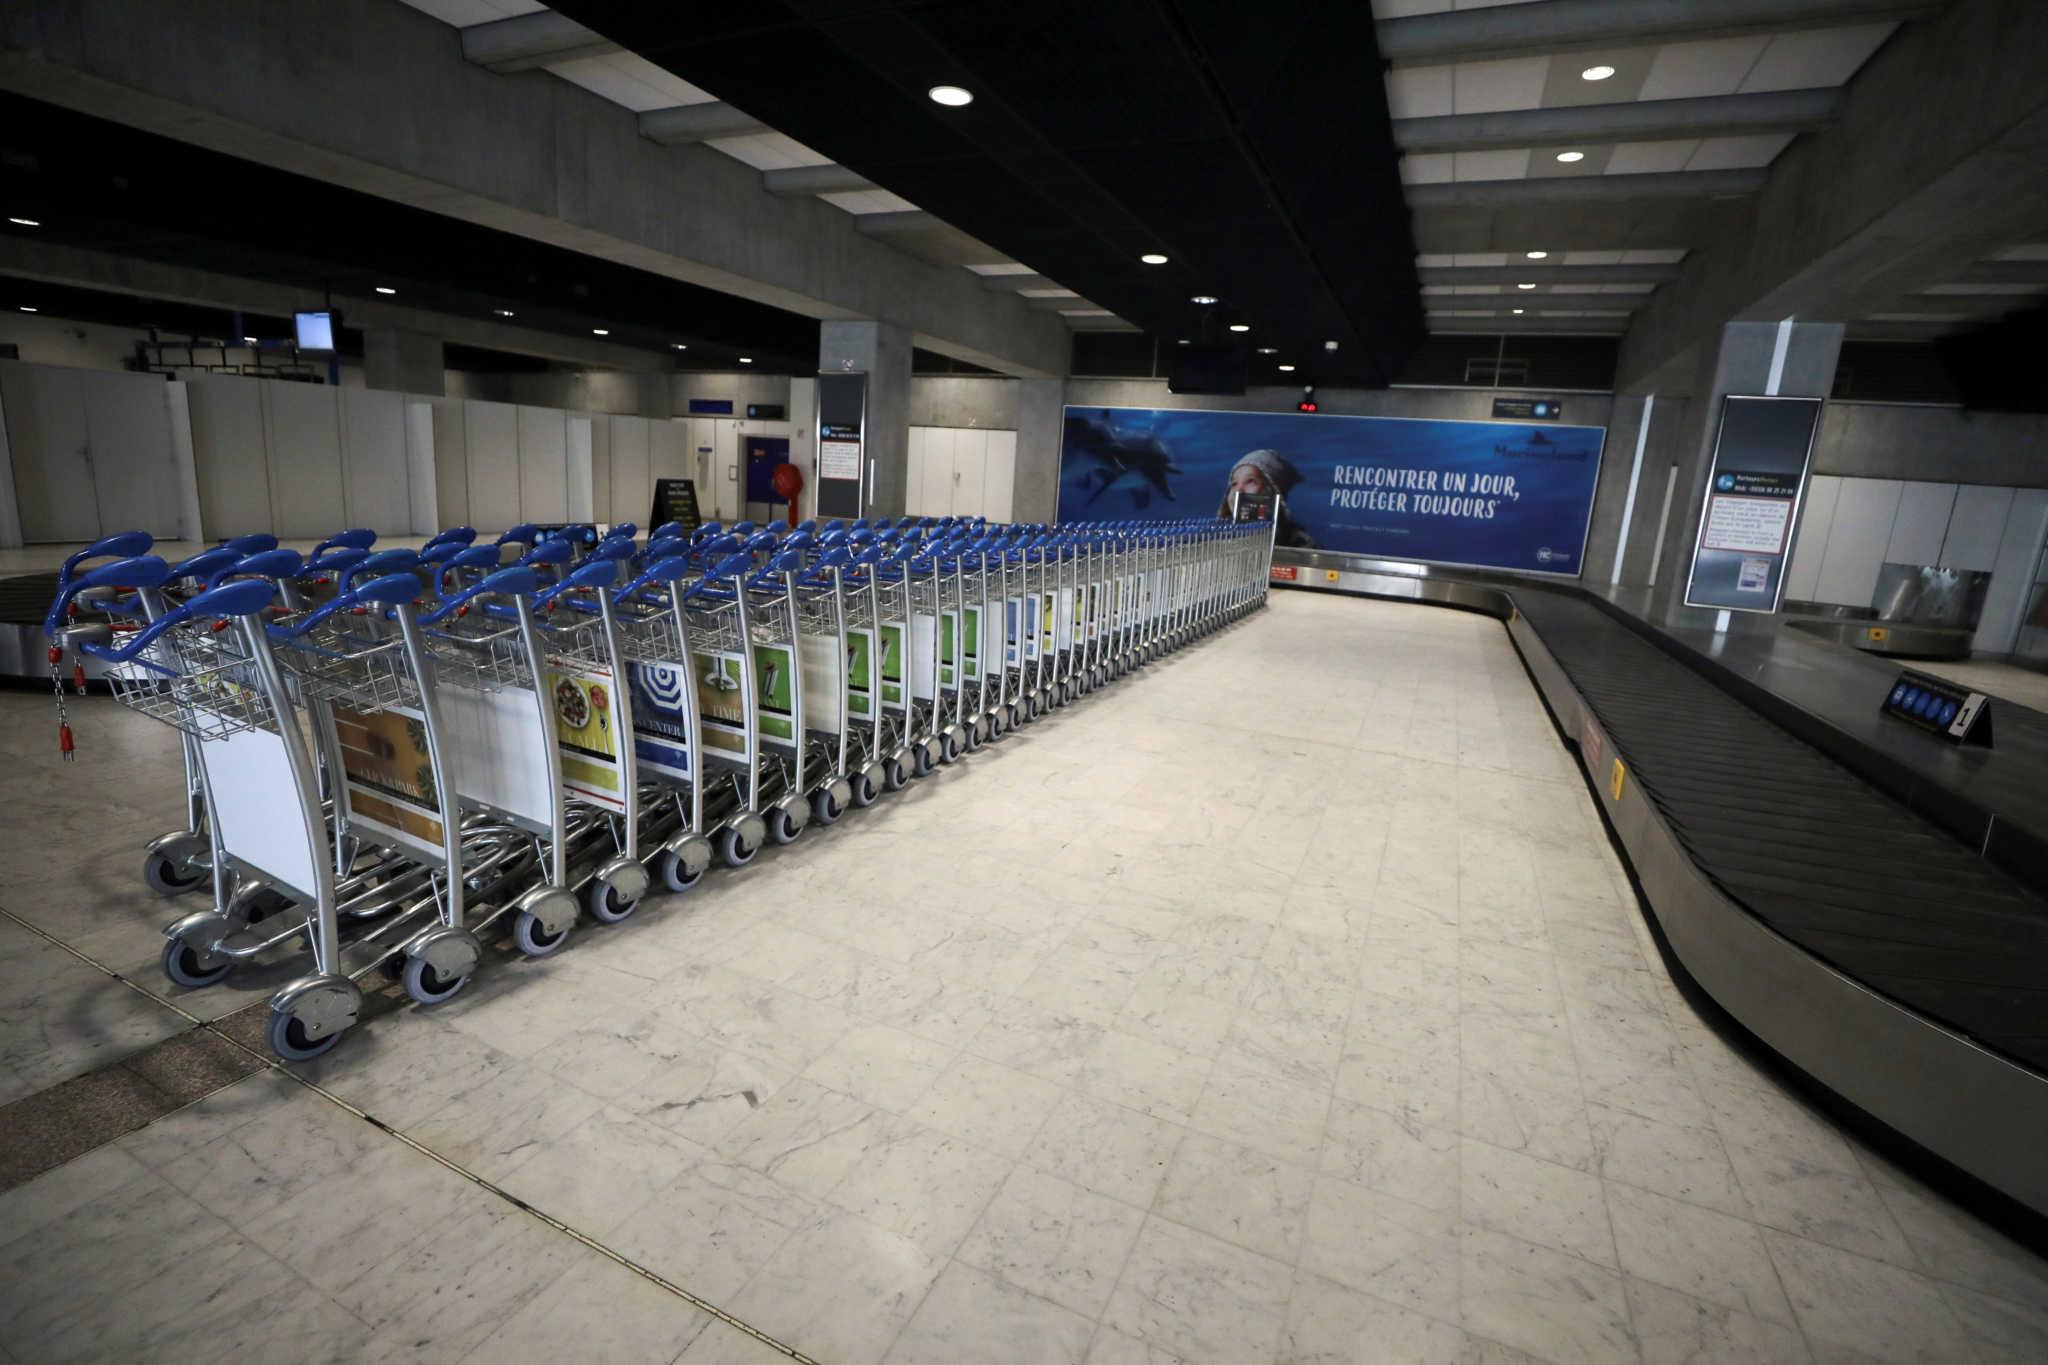 Τελεσίγραφο ΕΕ σε Ελλάδα για τις ακυρώσεις ταξιδιών εξαιτίας κορονοϊού